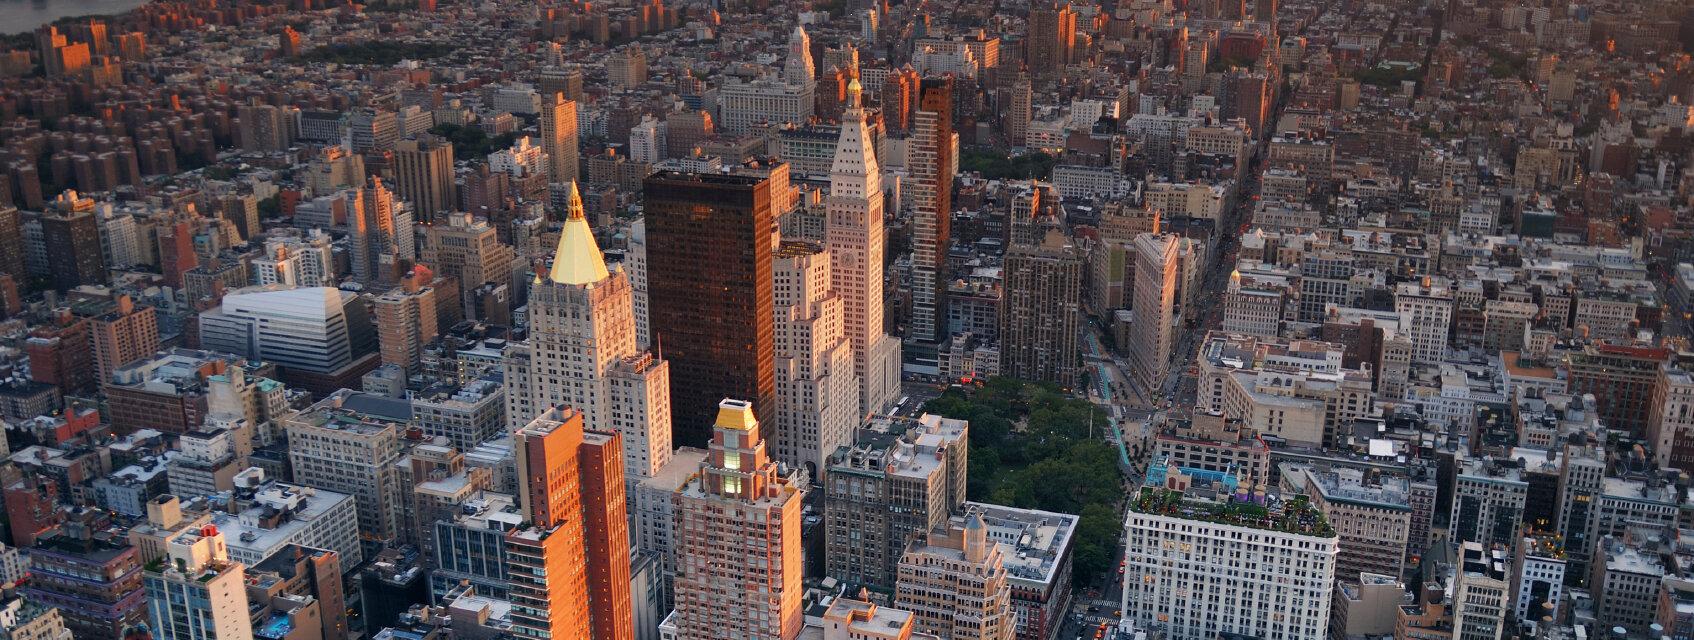 Поиск отелей в Нью-Йорке